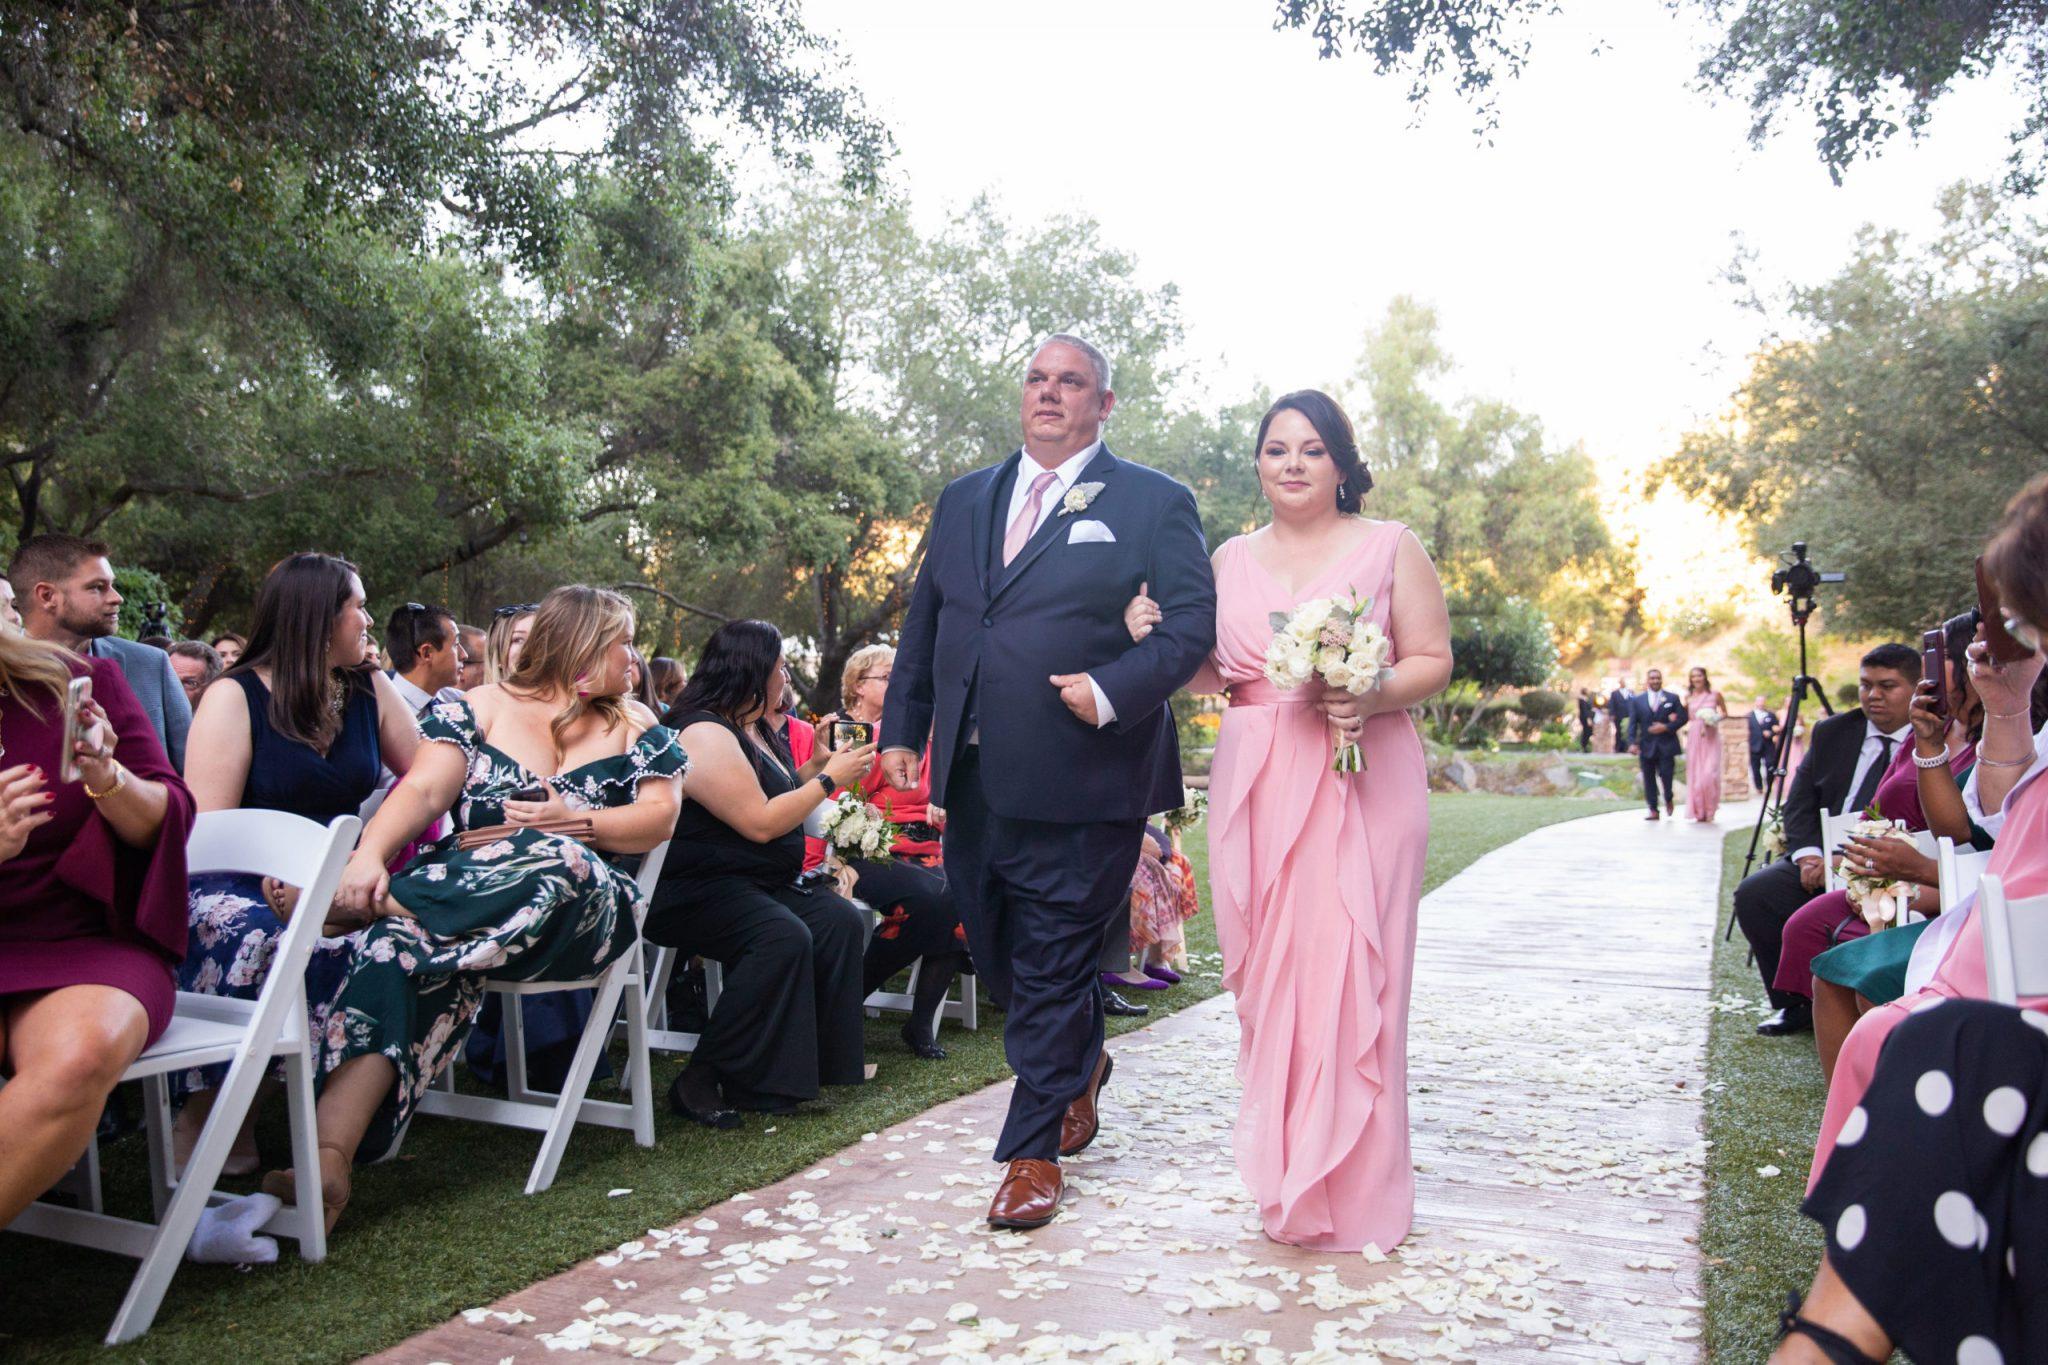 Matt Chrissy Wedding 3059 scaled